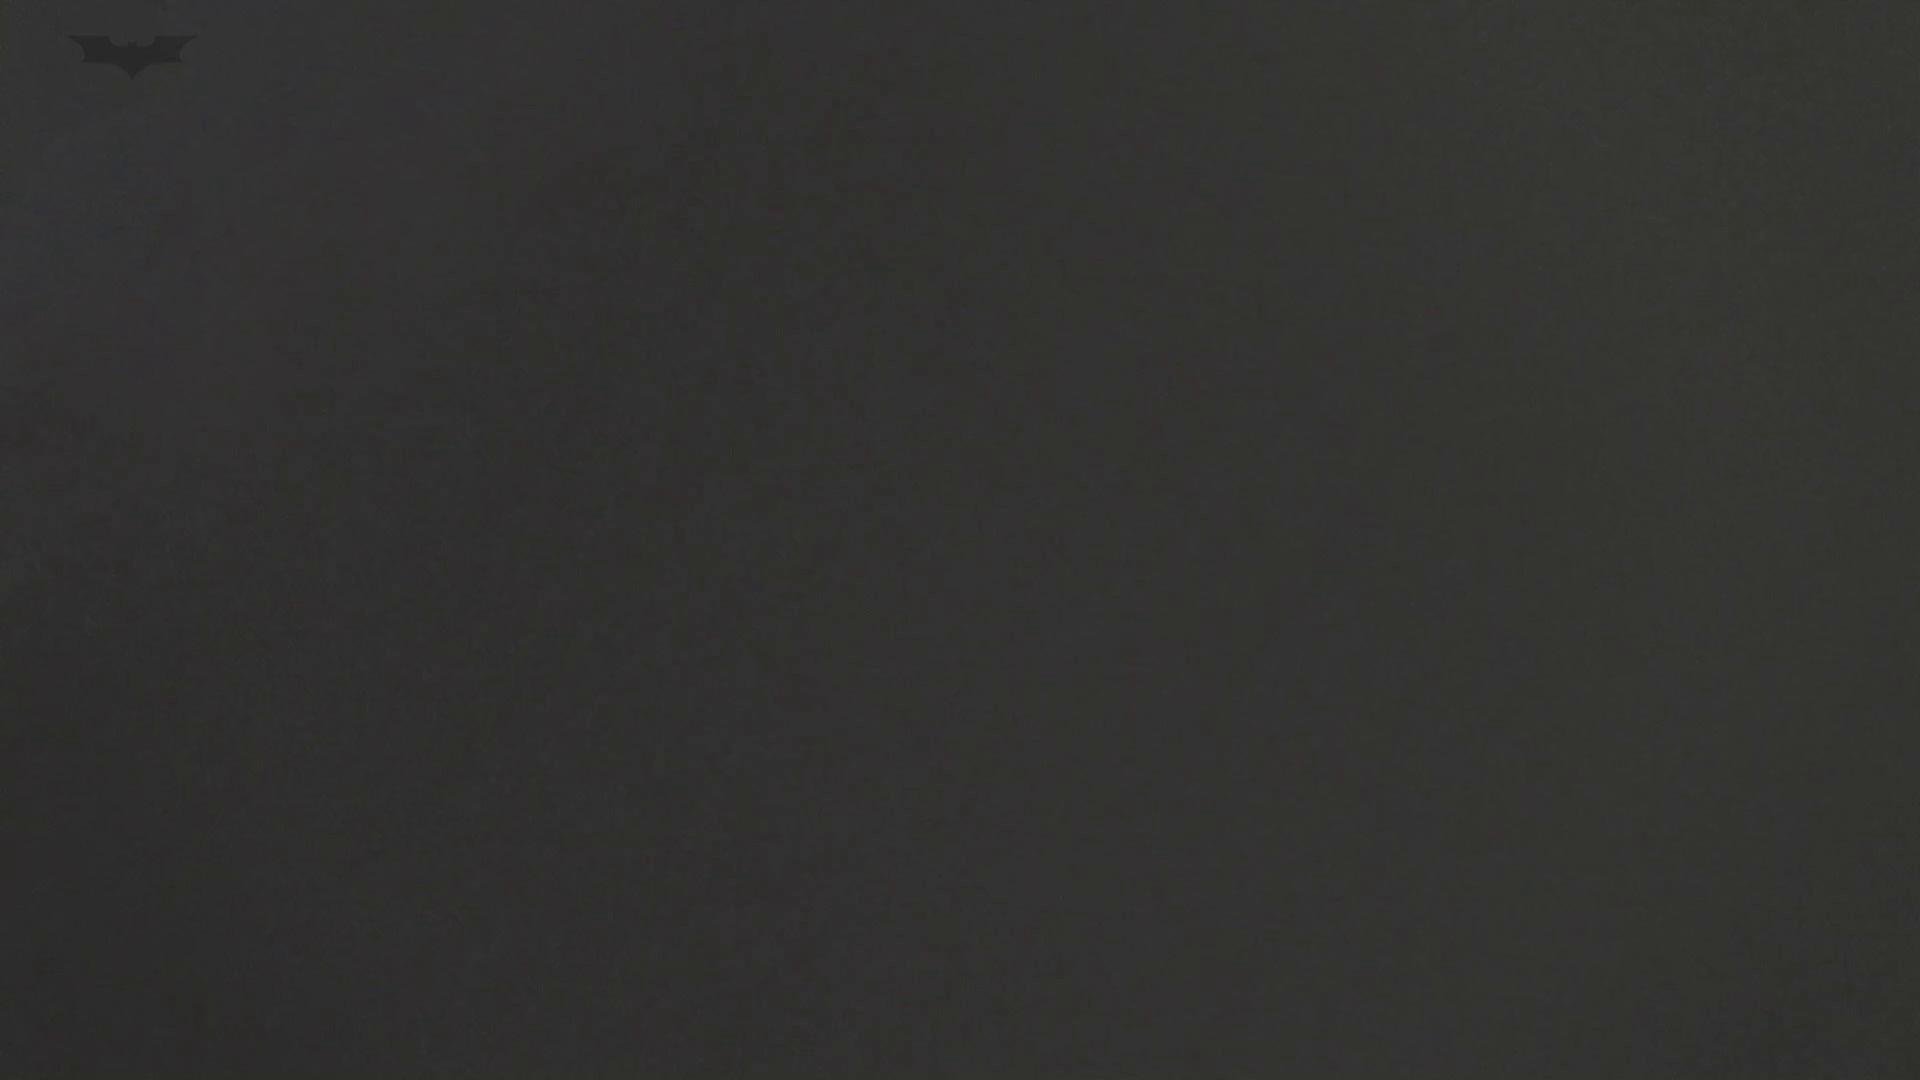 なんだこれVol.12 美魔女登場、 HD万歳!! 違いが判る映像美!! エロくん潜入 おまんこ無修正動画無料 102連発 29